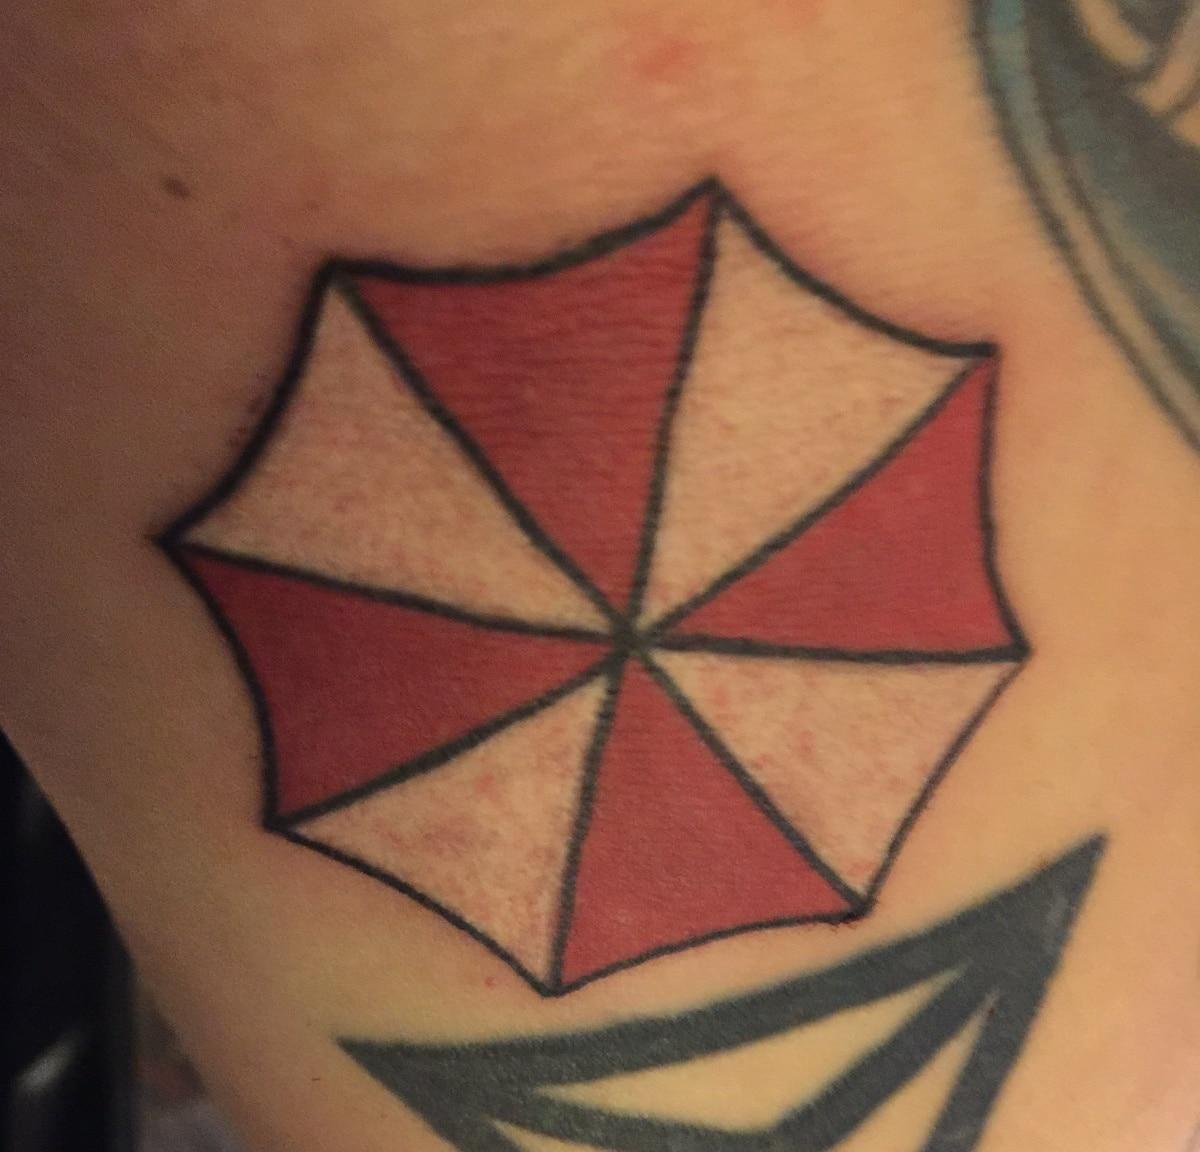 Tatuaje del logo de Umbrella